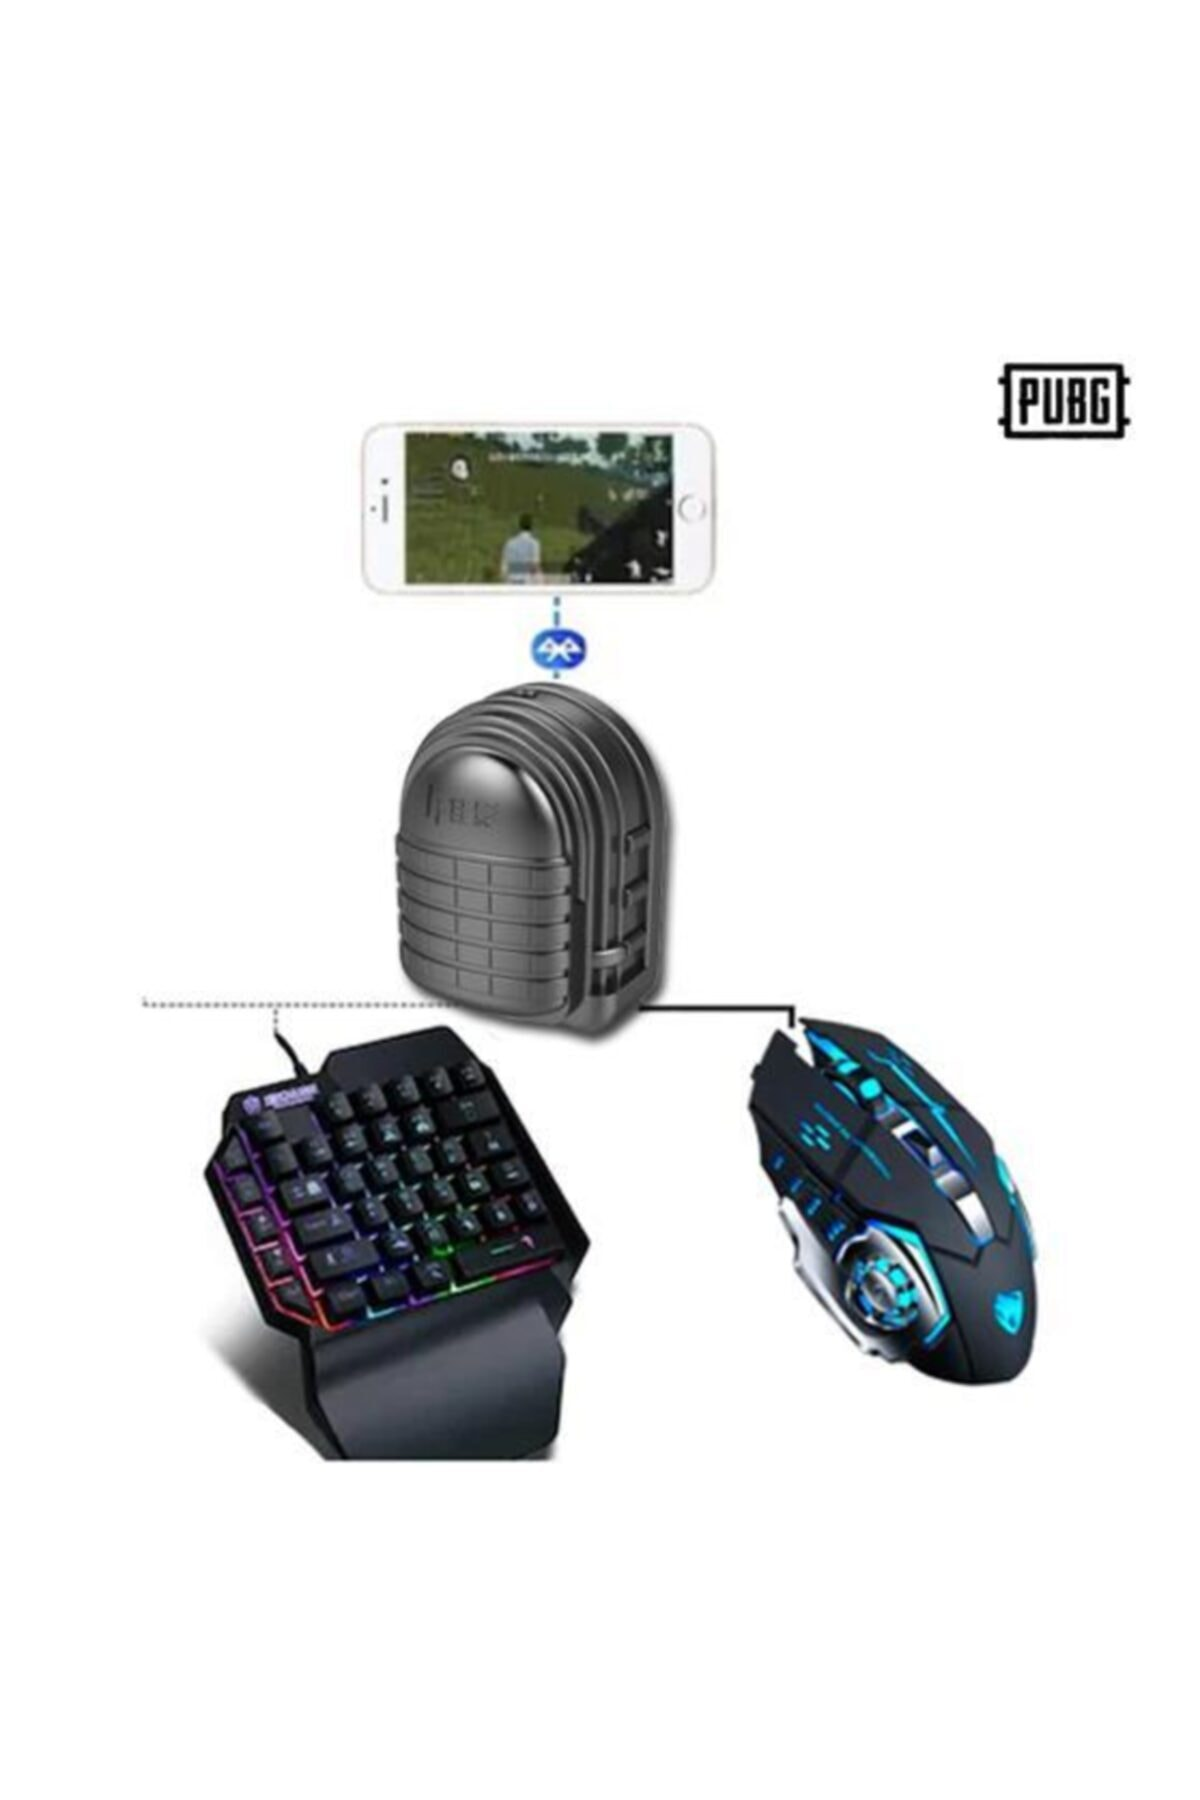 Taled Mix3 Oyun Konsolu Mıx 3 - Pub G Oyun Konsolu Pubg Klavye Mouse Bağlayıcı 3in1 1